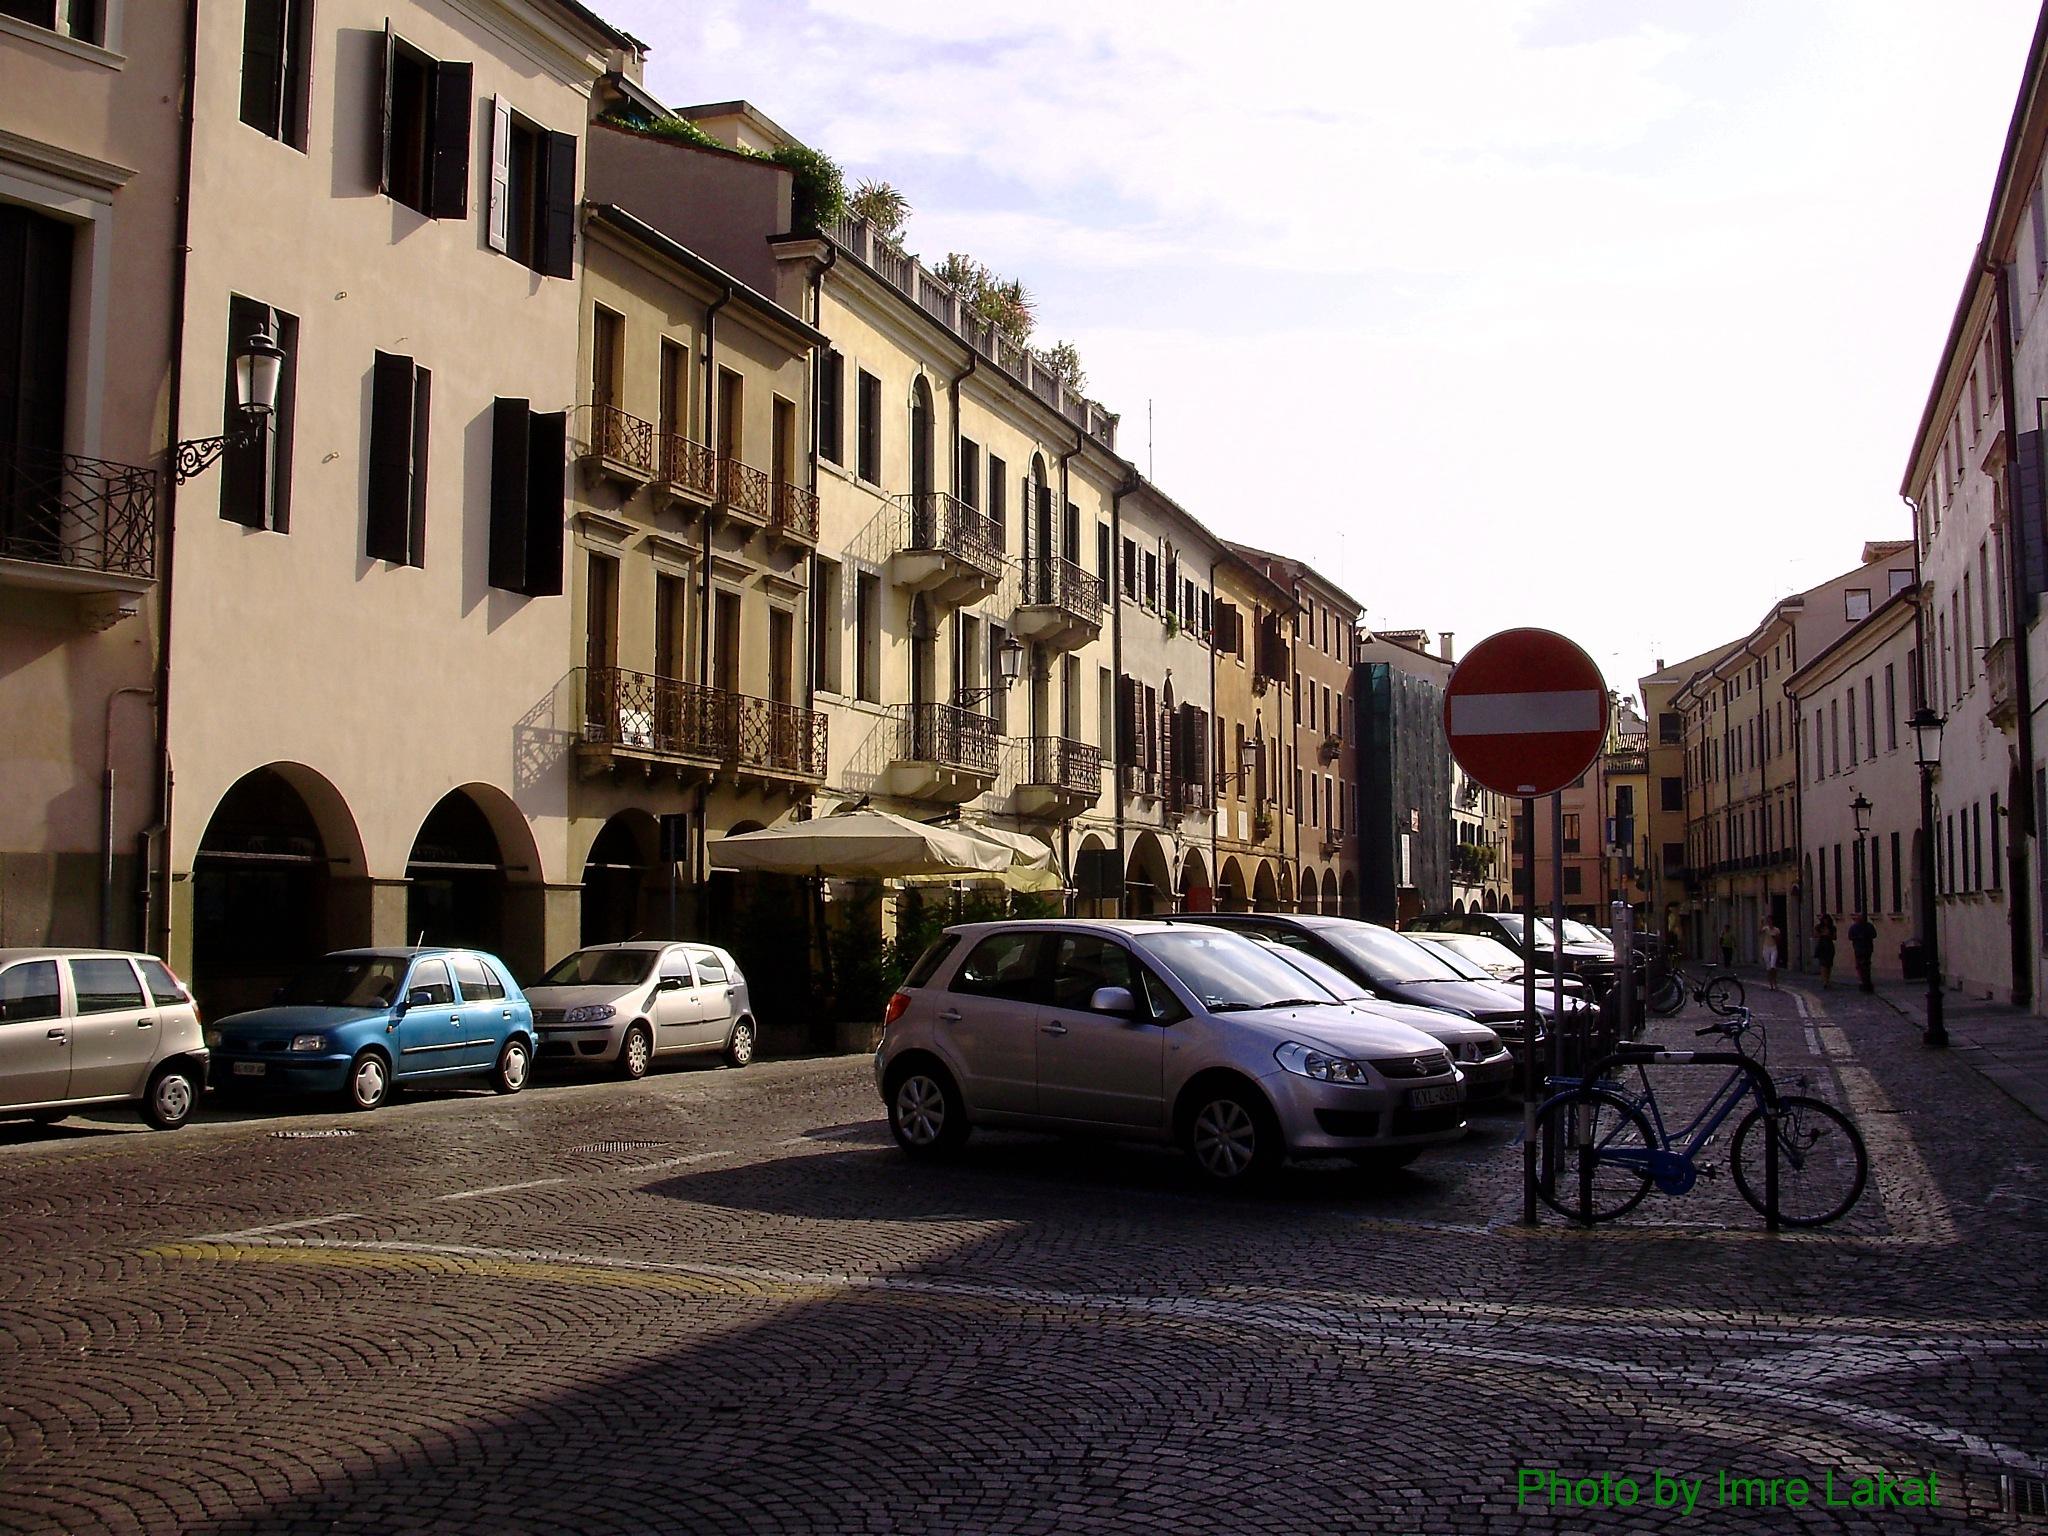 My Car in (Suzuki) Parcheggio vicino alla Basilica di Sant'Antonio by Imre Lakat